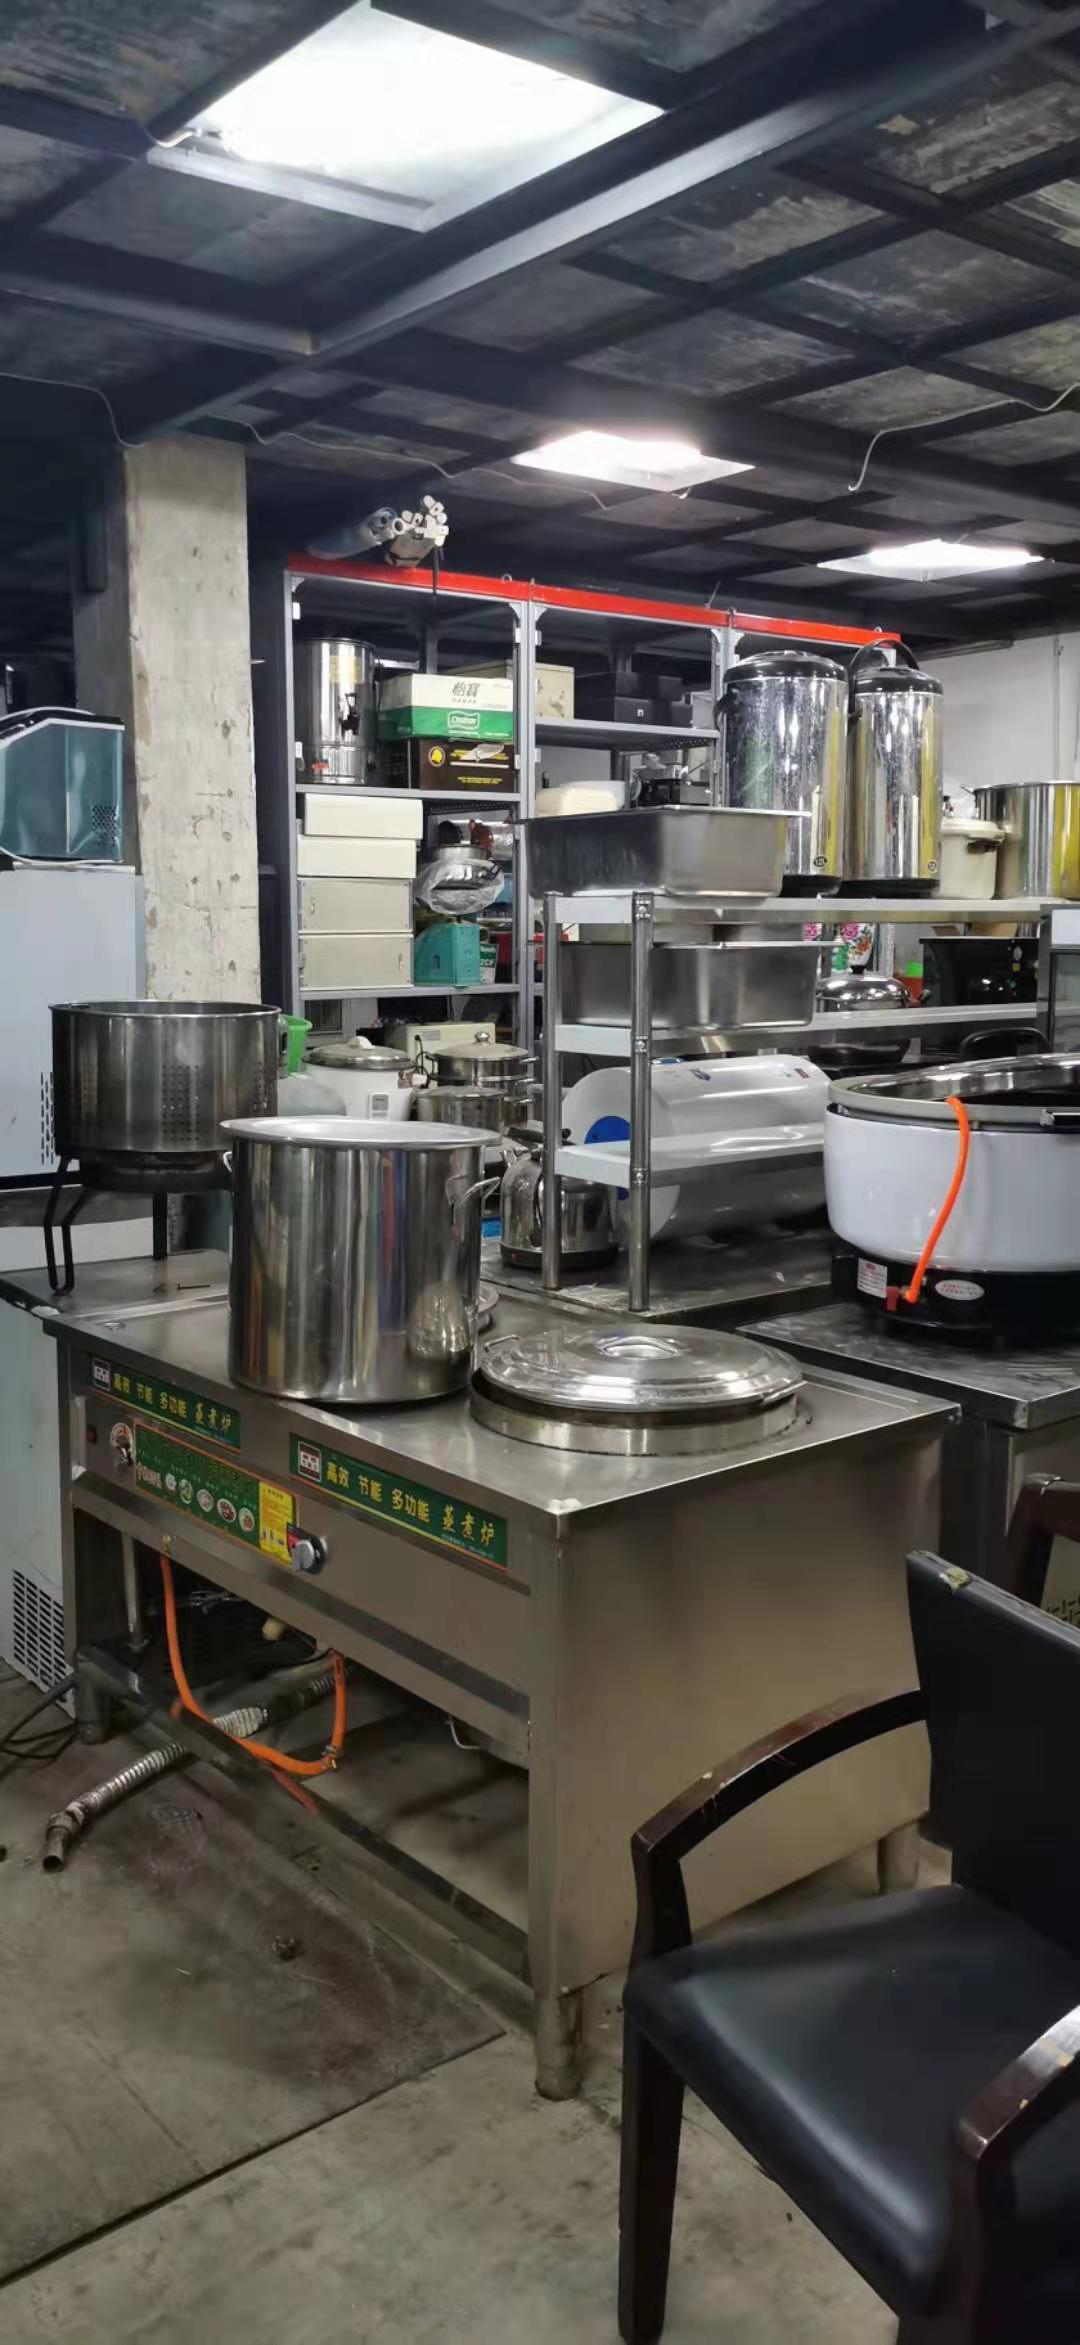 二手餐饮设备生鑫二手旧货回收出售-- 汕头市生鑫再生资源有限公司